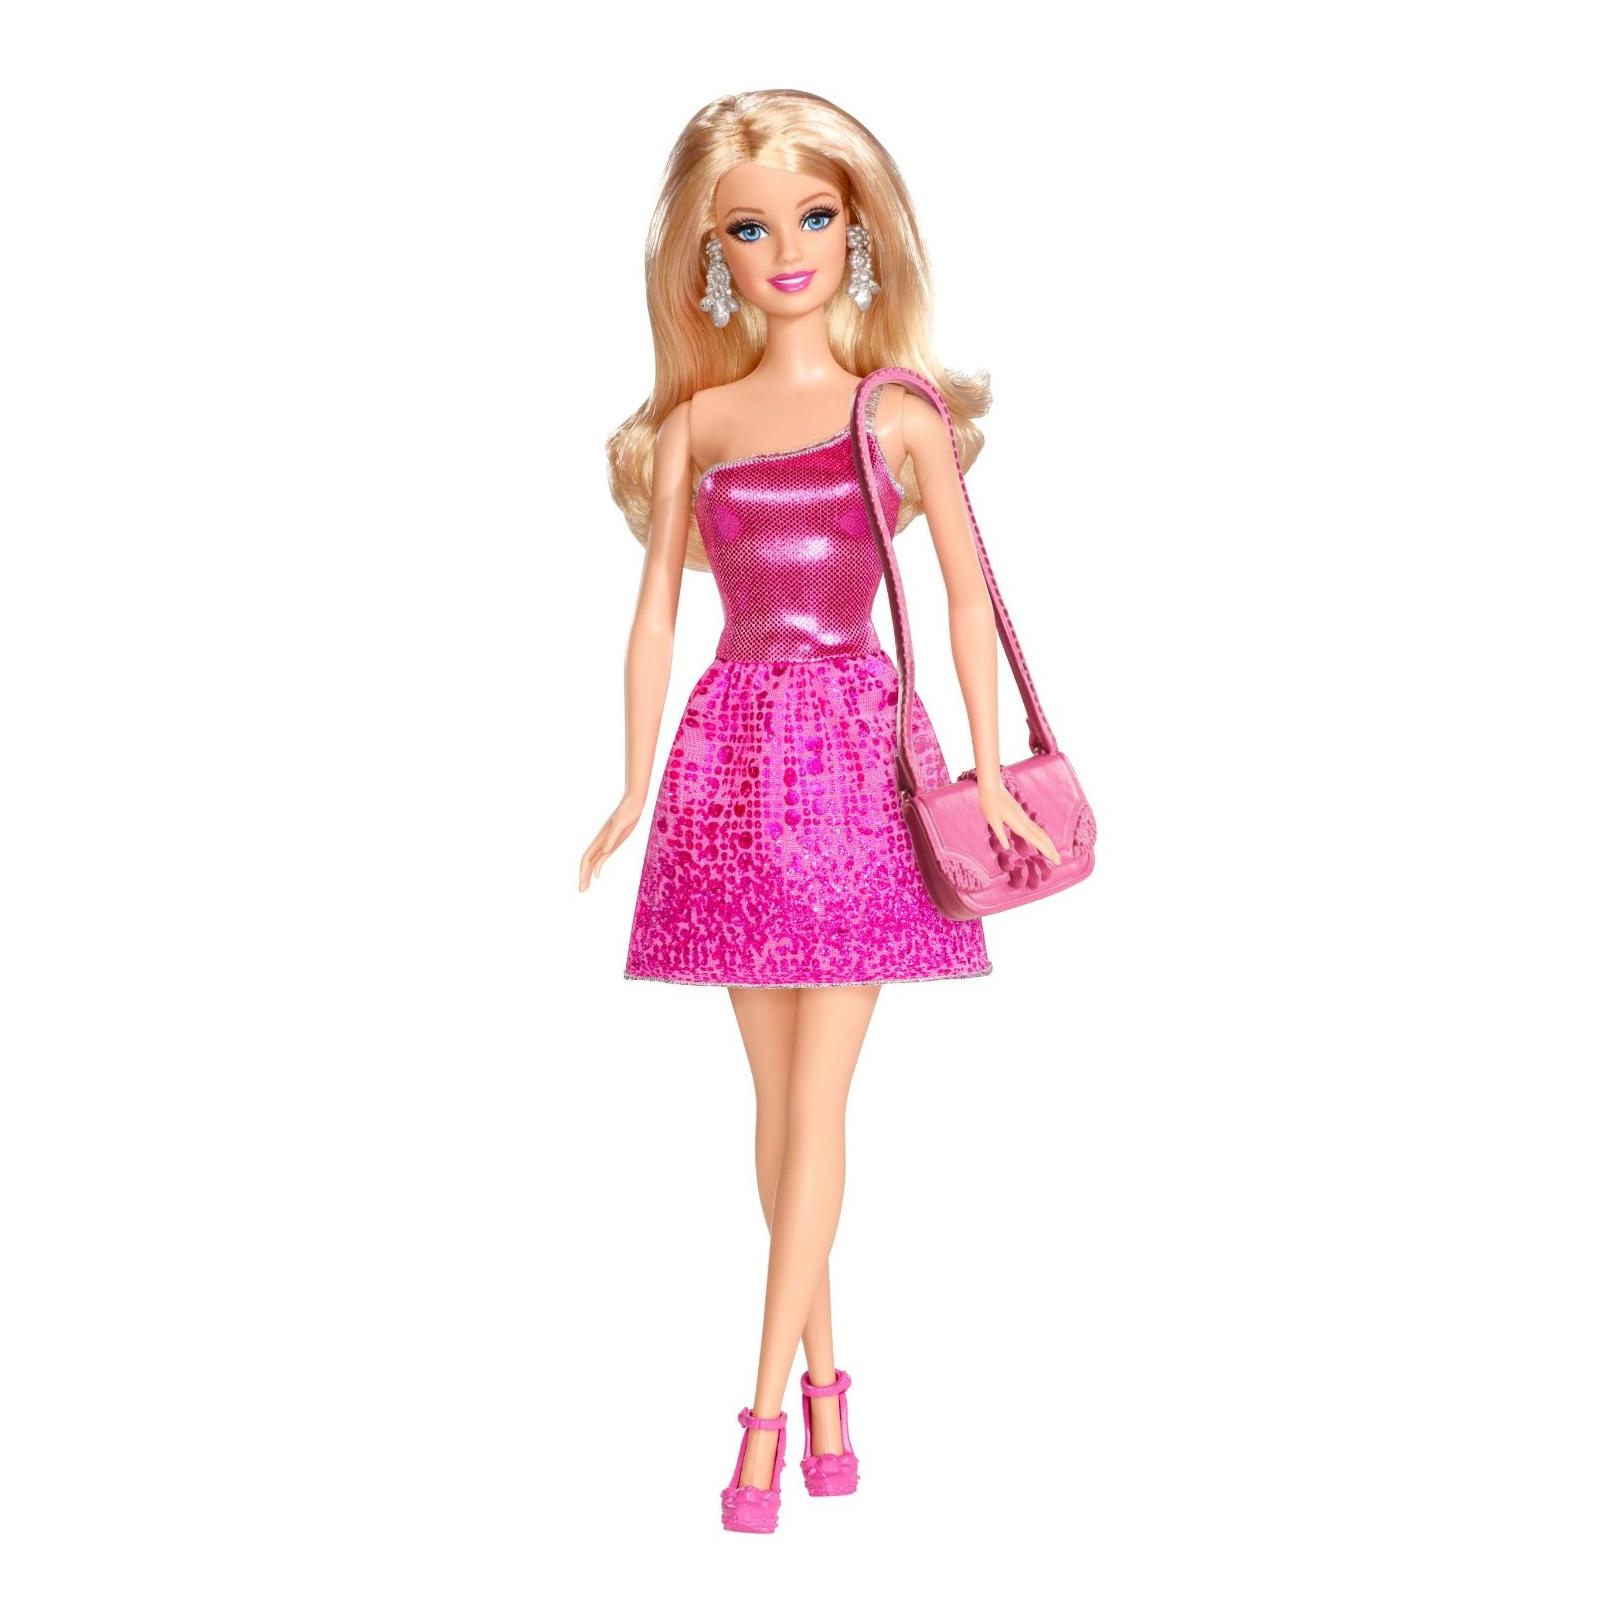 Кукла BARBIE Блестящая в розовом платье (T7580-3)